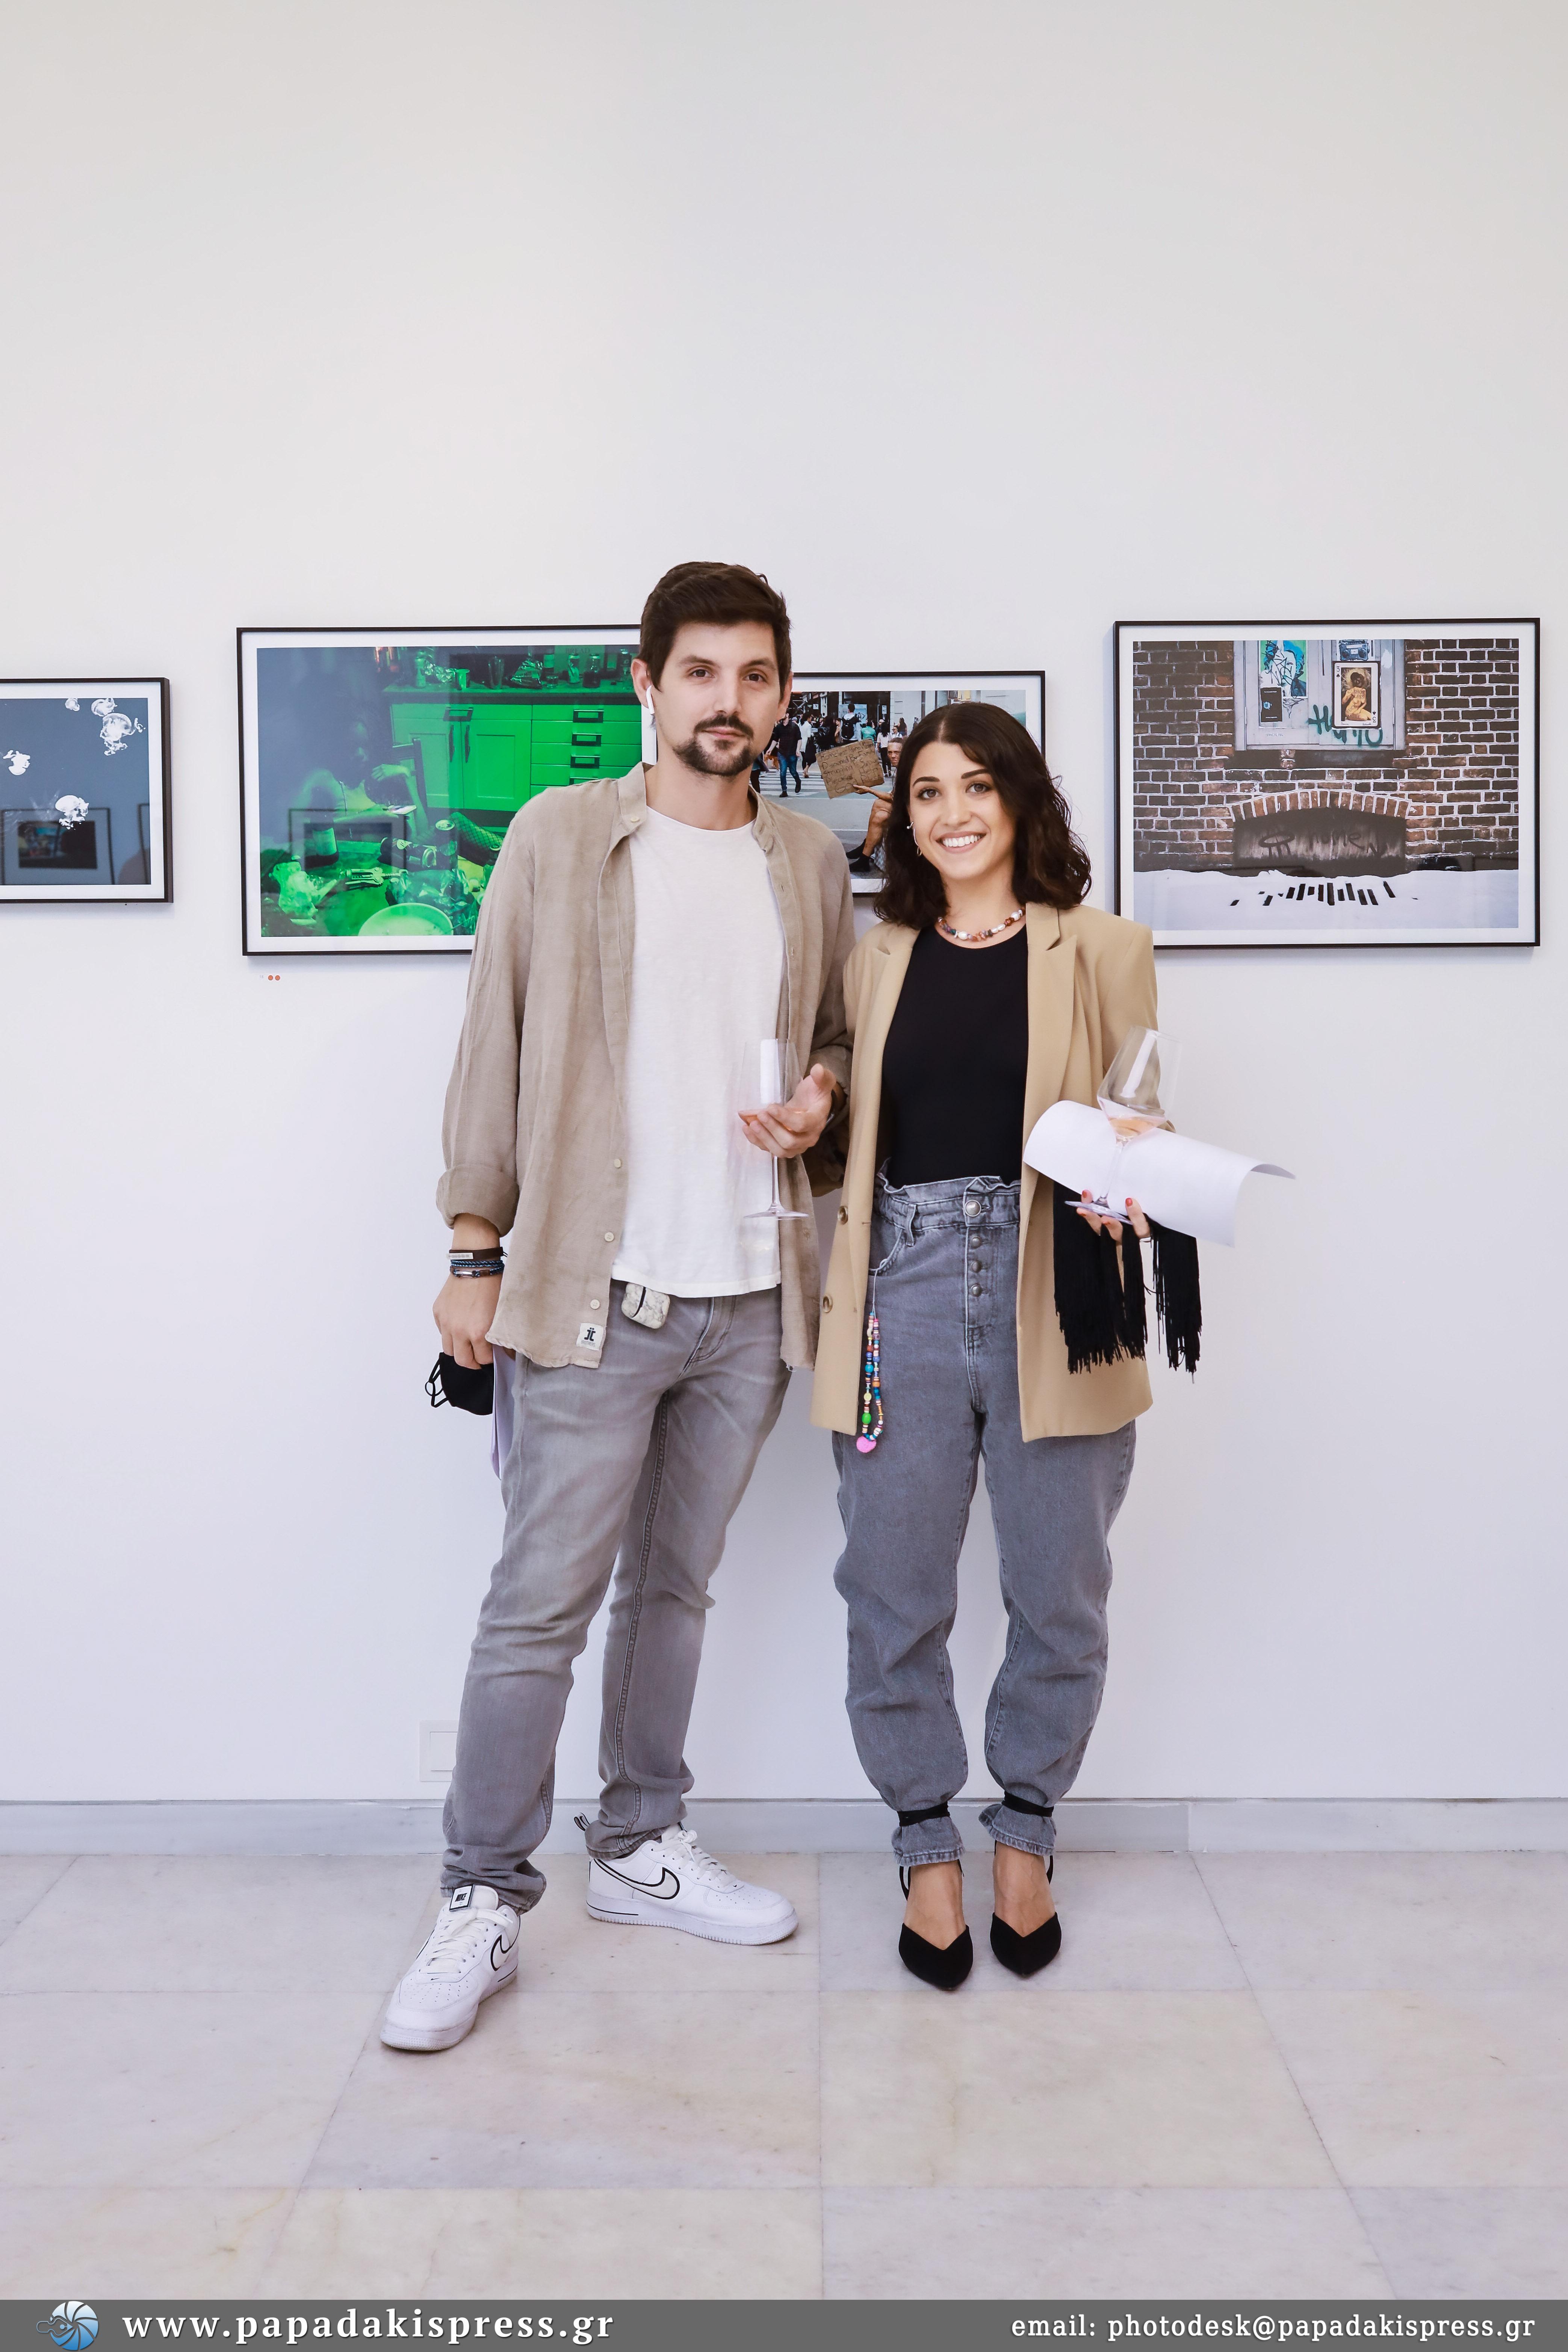 Εγκαίνια της έκθεσης φωτογραφίας «Νόστος & Άλγος» @Γκαλερί Ζουμπουλάκη 18